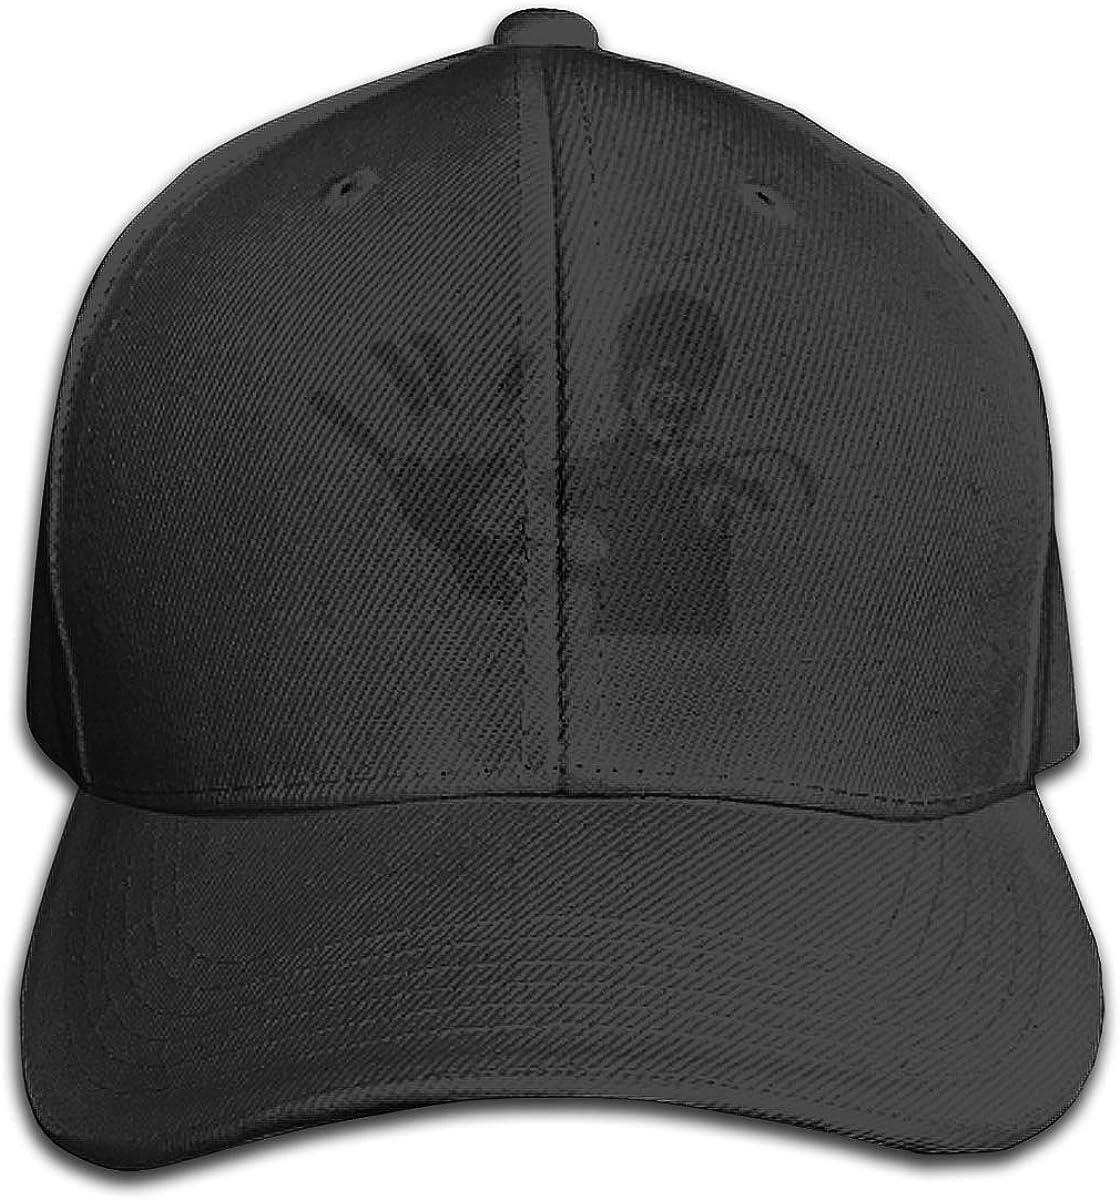 Bruce Lee Kung Foo Caps